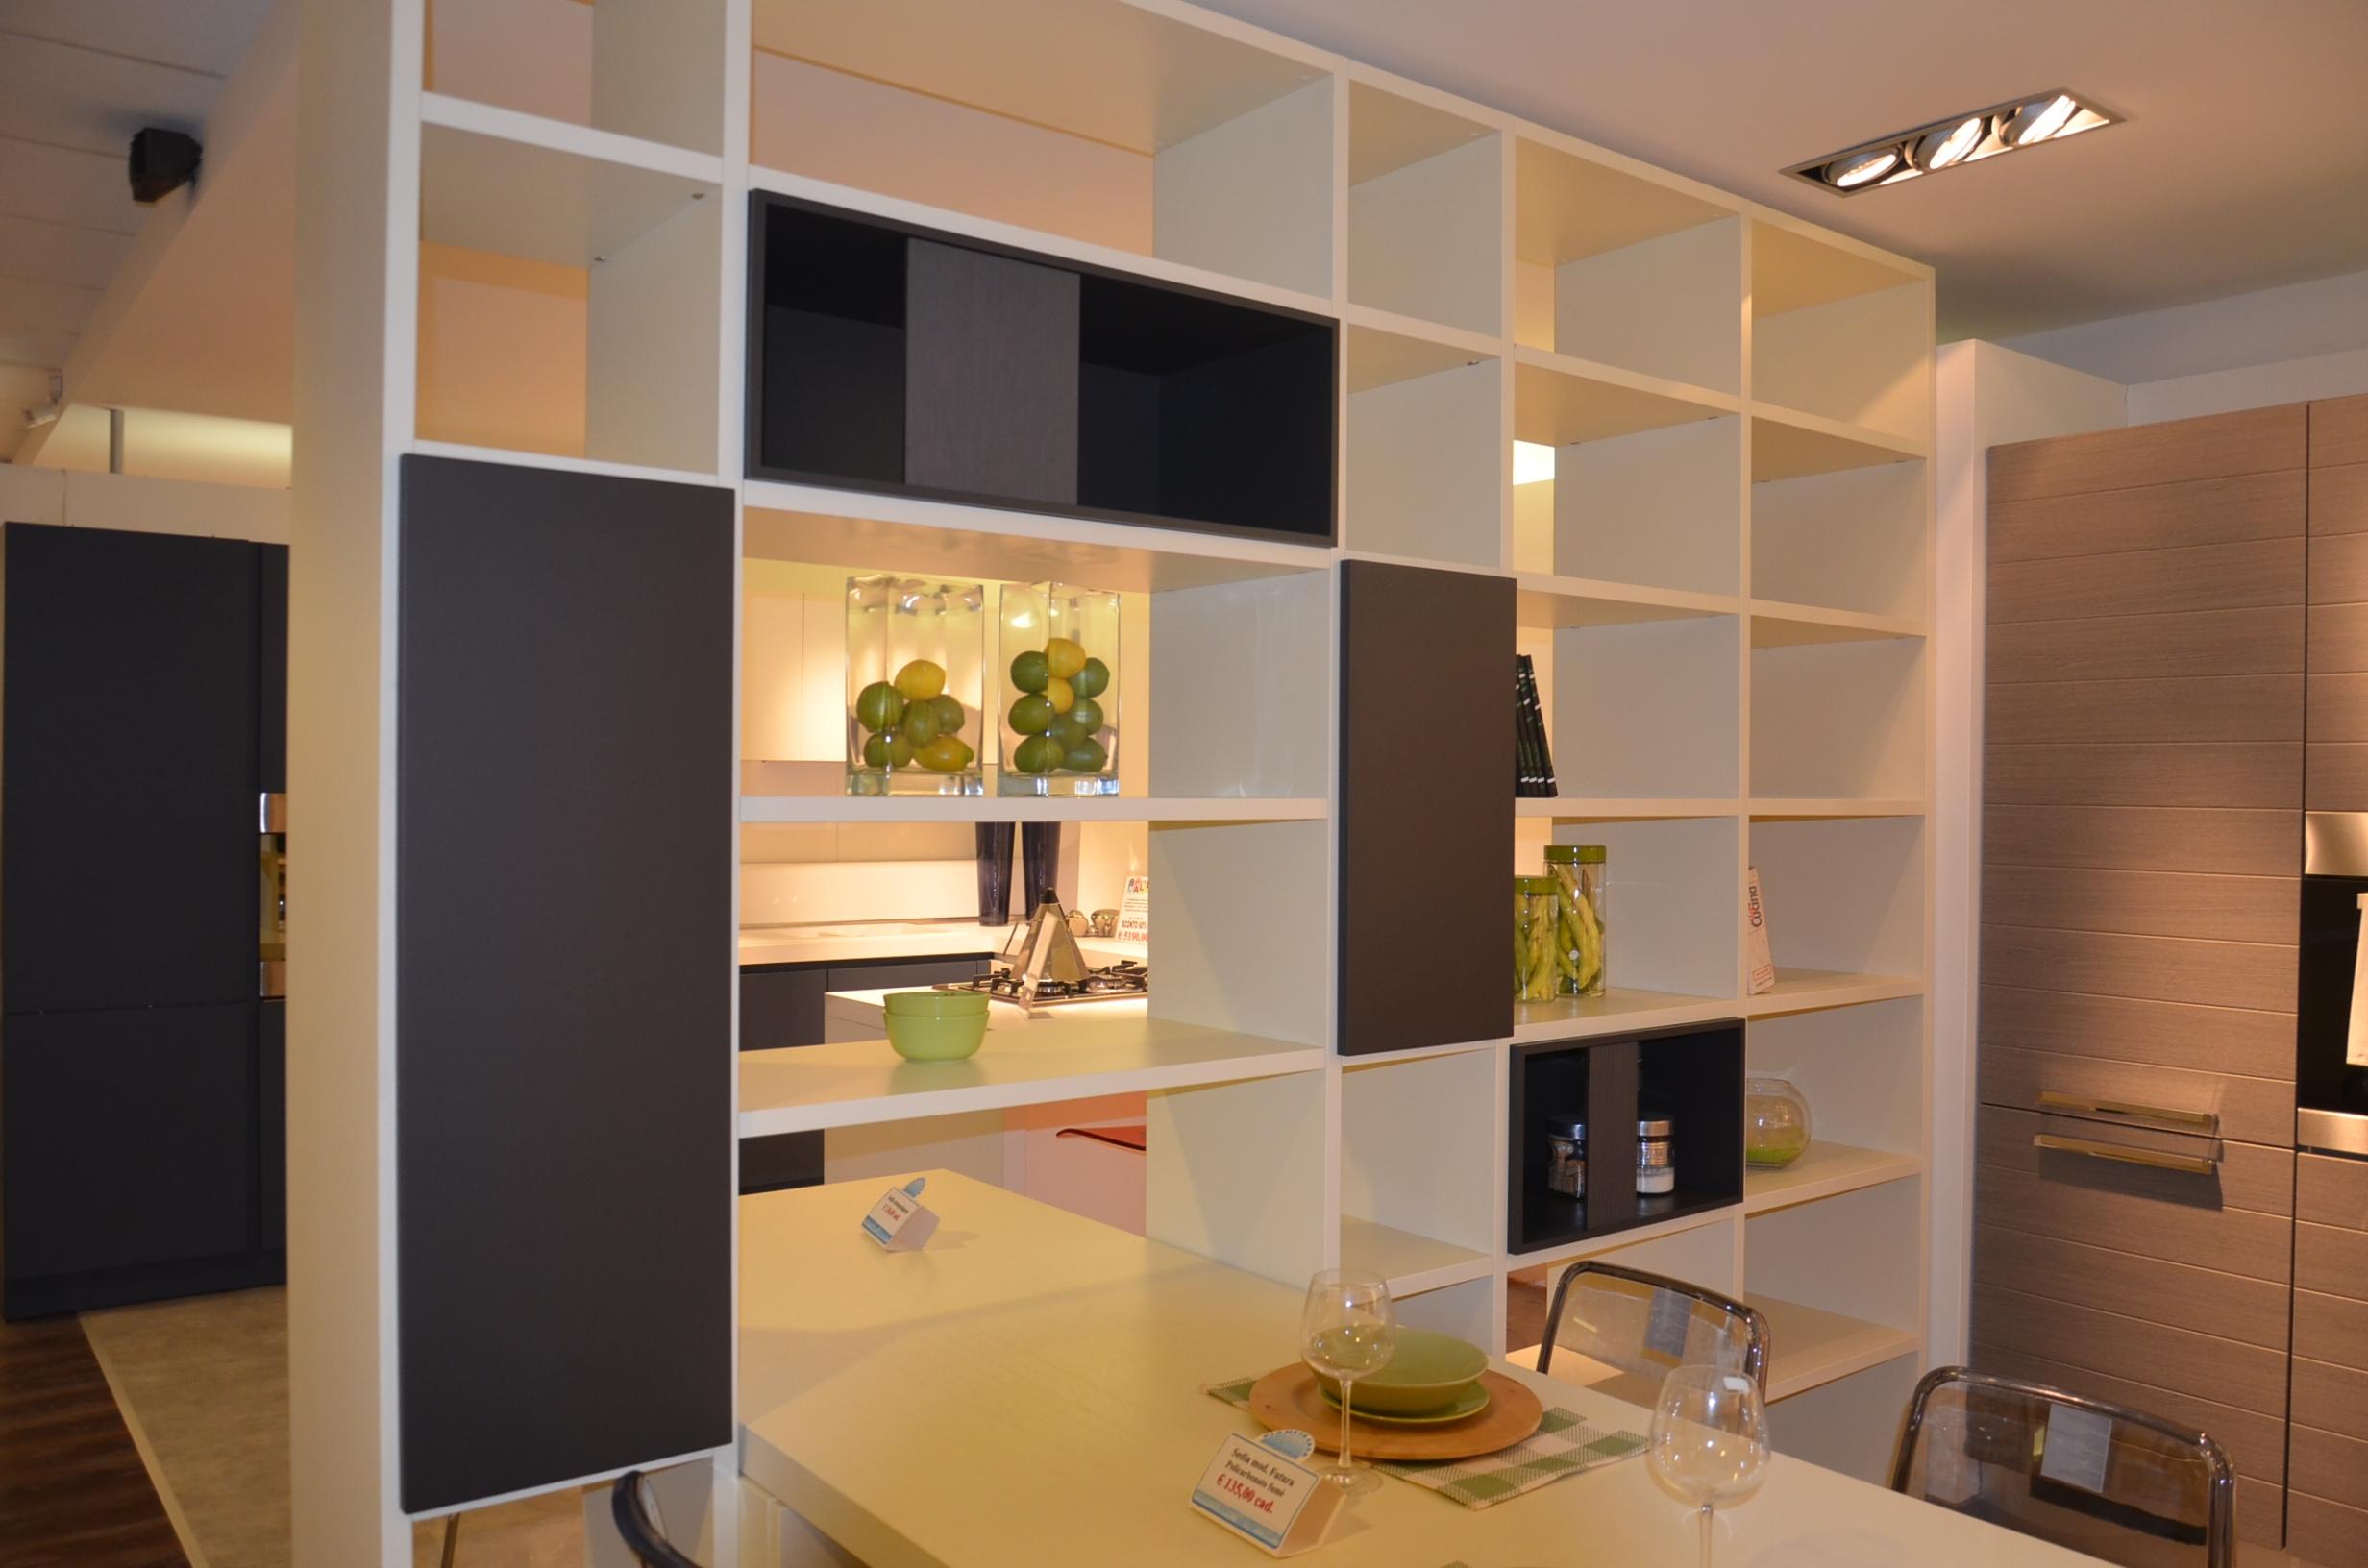 Divisori Tra Cucina E Soggiorno. Amazing Affordable Muri Divisori ...